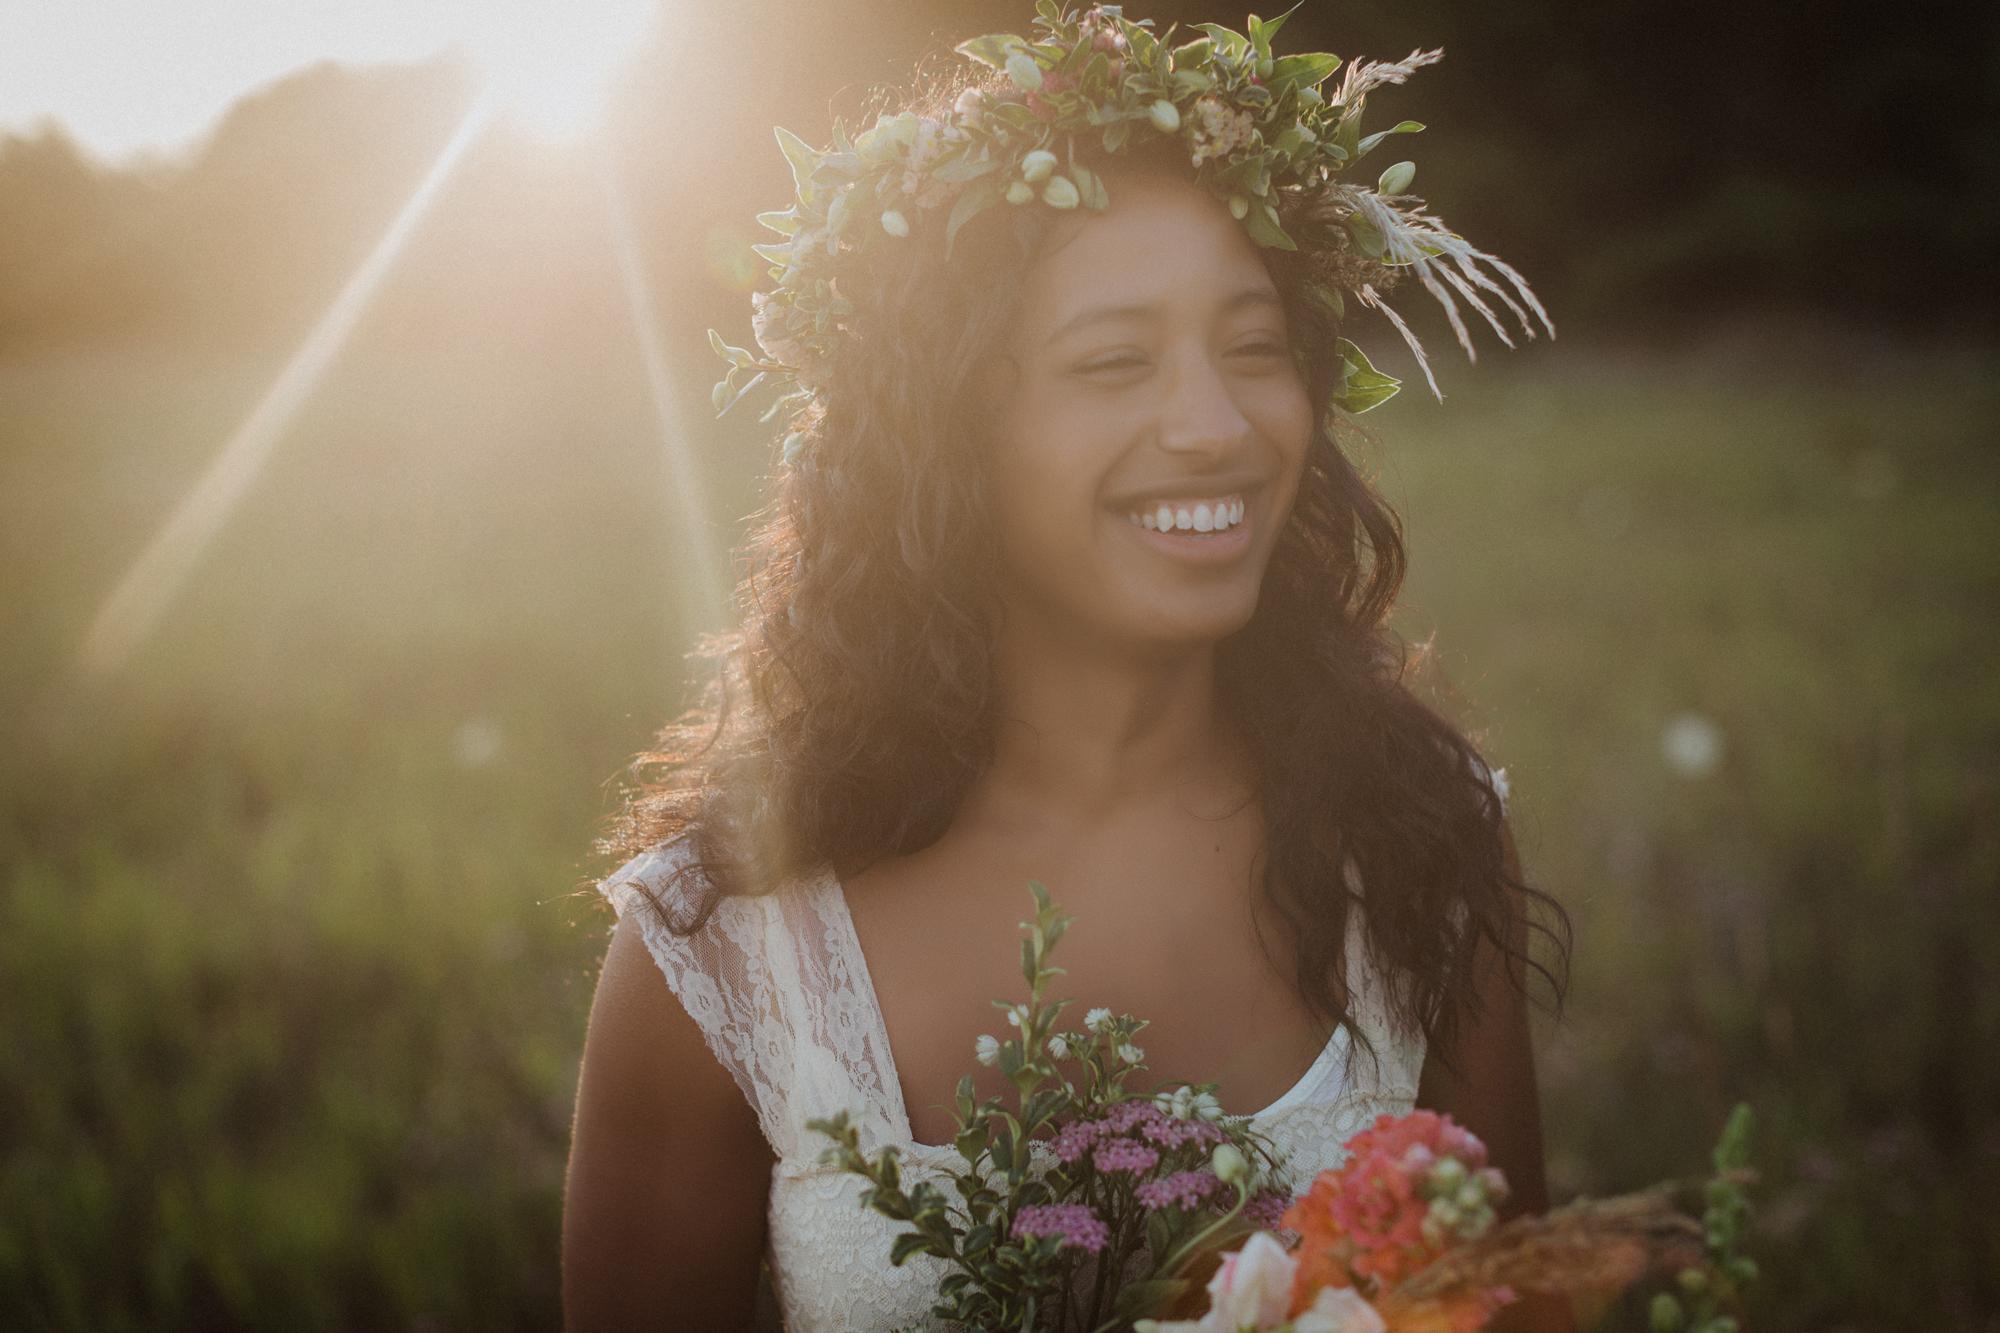 Artemis Photography door county wedding 2.jpg